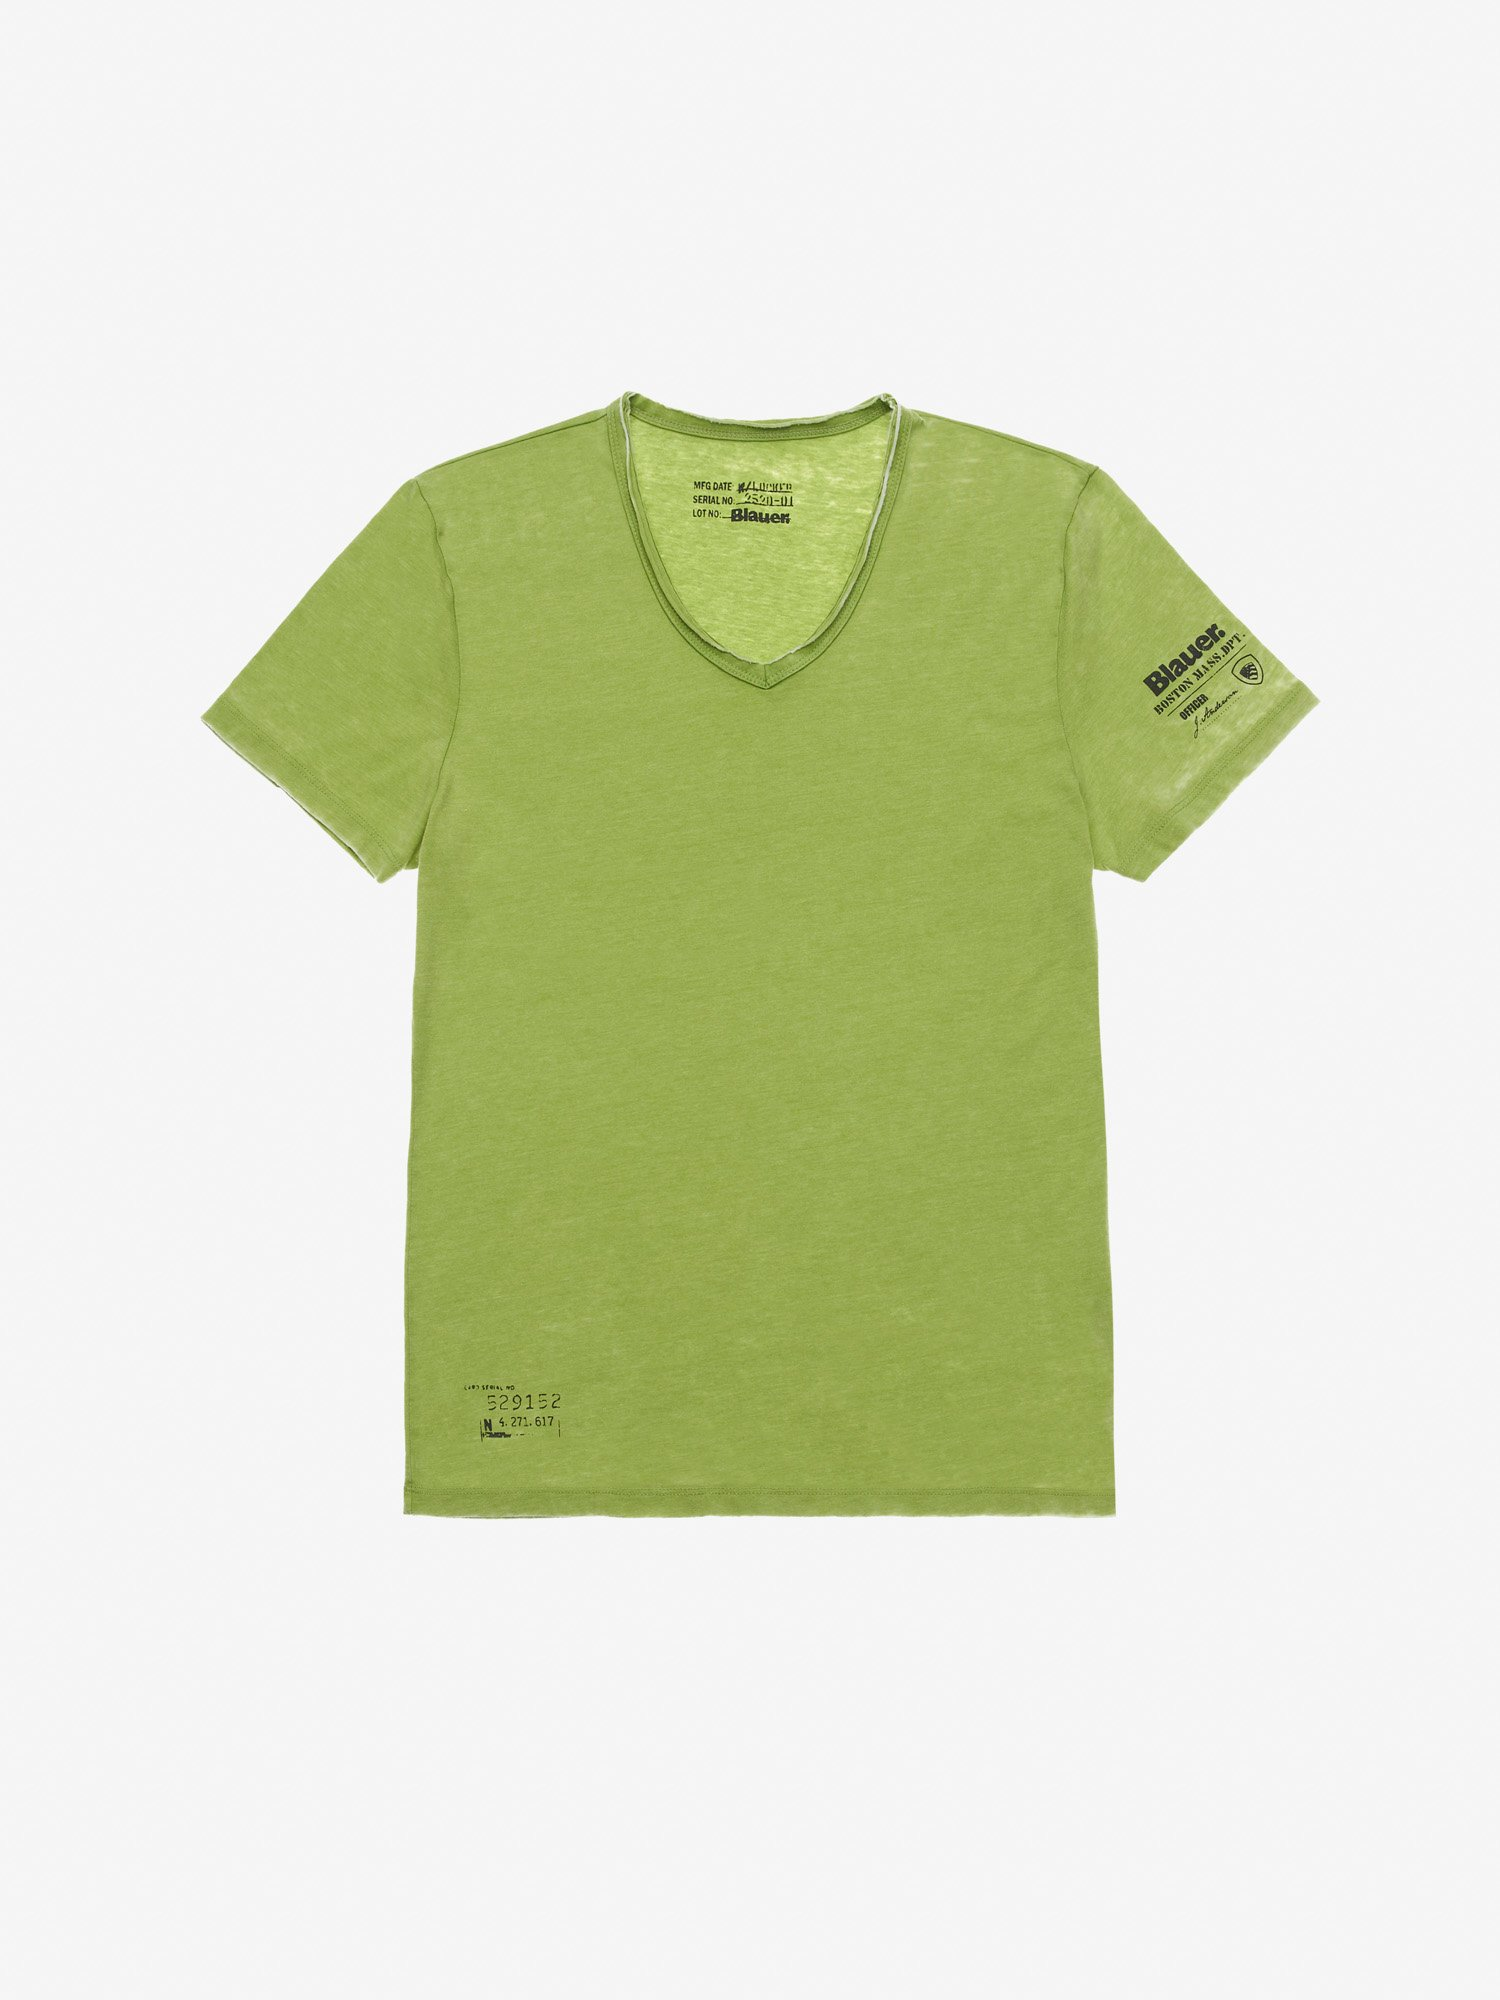 Blauer - BOSTON MASS. DPT. T-SHIRT - Green Pea - Blauer